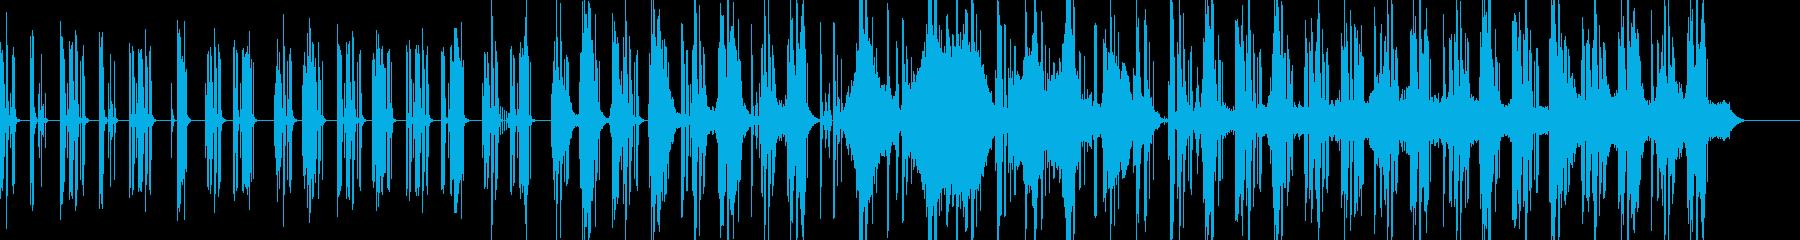 ほのぼのした幻想的なインストの再生済みの波形